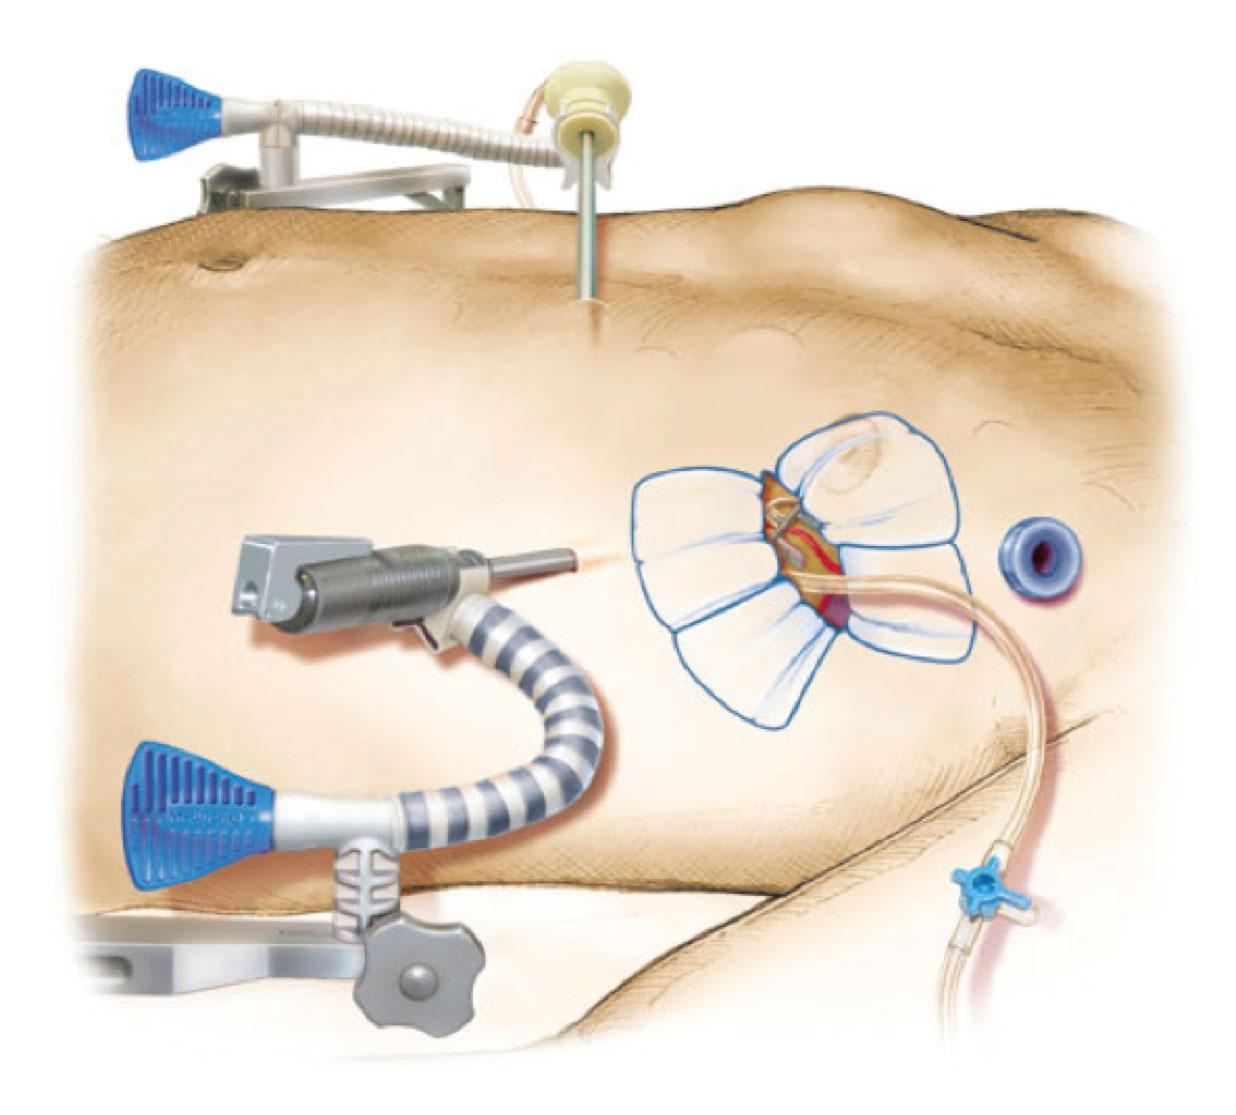 Bilde 3: Mini-invasiv CABG: Videoassistert høsting av a.mammaria interna, anastomoser anlegges via anterolateral mini-thorakotomi på bankende hjerte med stabilisator, uten bruk av hjerte/lungemaskin.